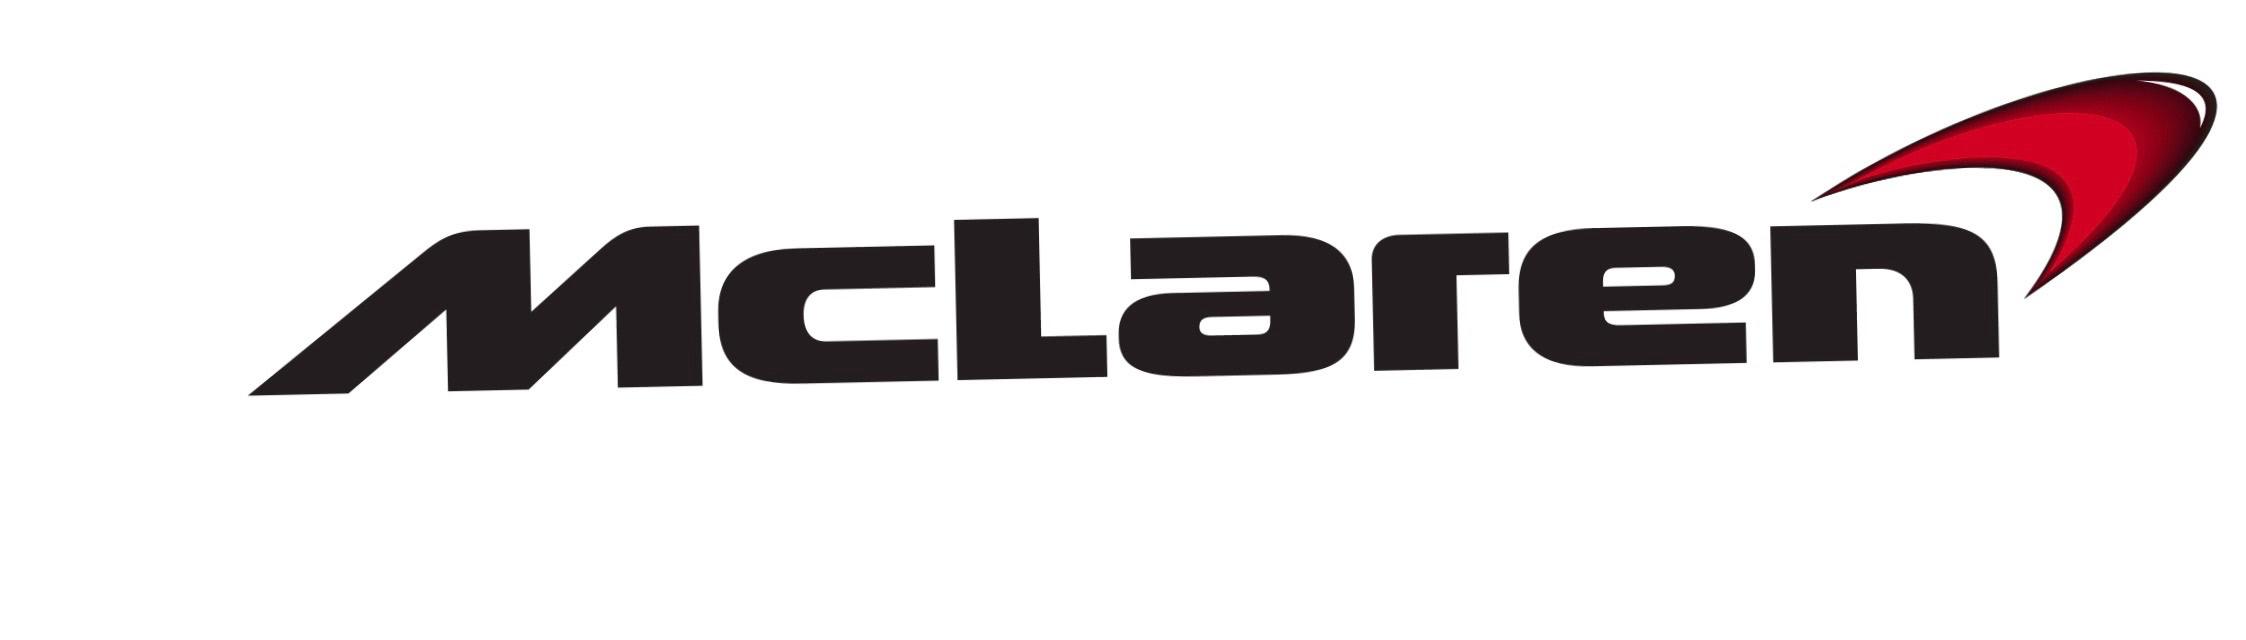 14.0-wa-mclaren-logo-2002-2560x1440.jpg